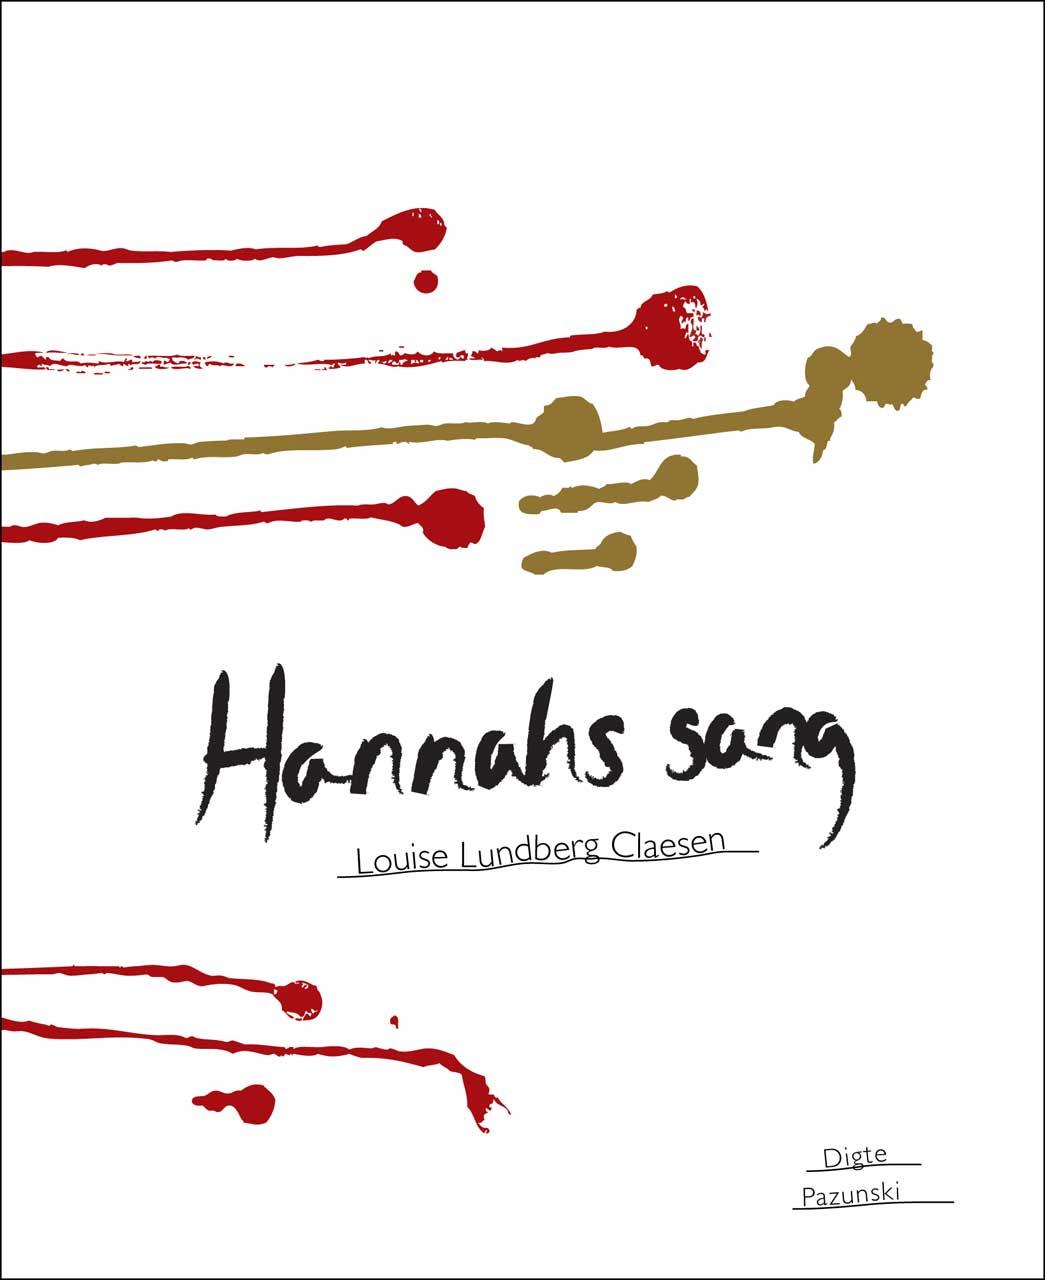 Hannahs sang, 2011